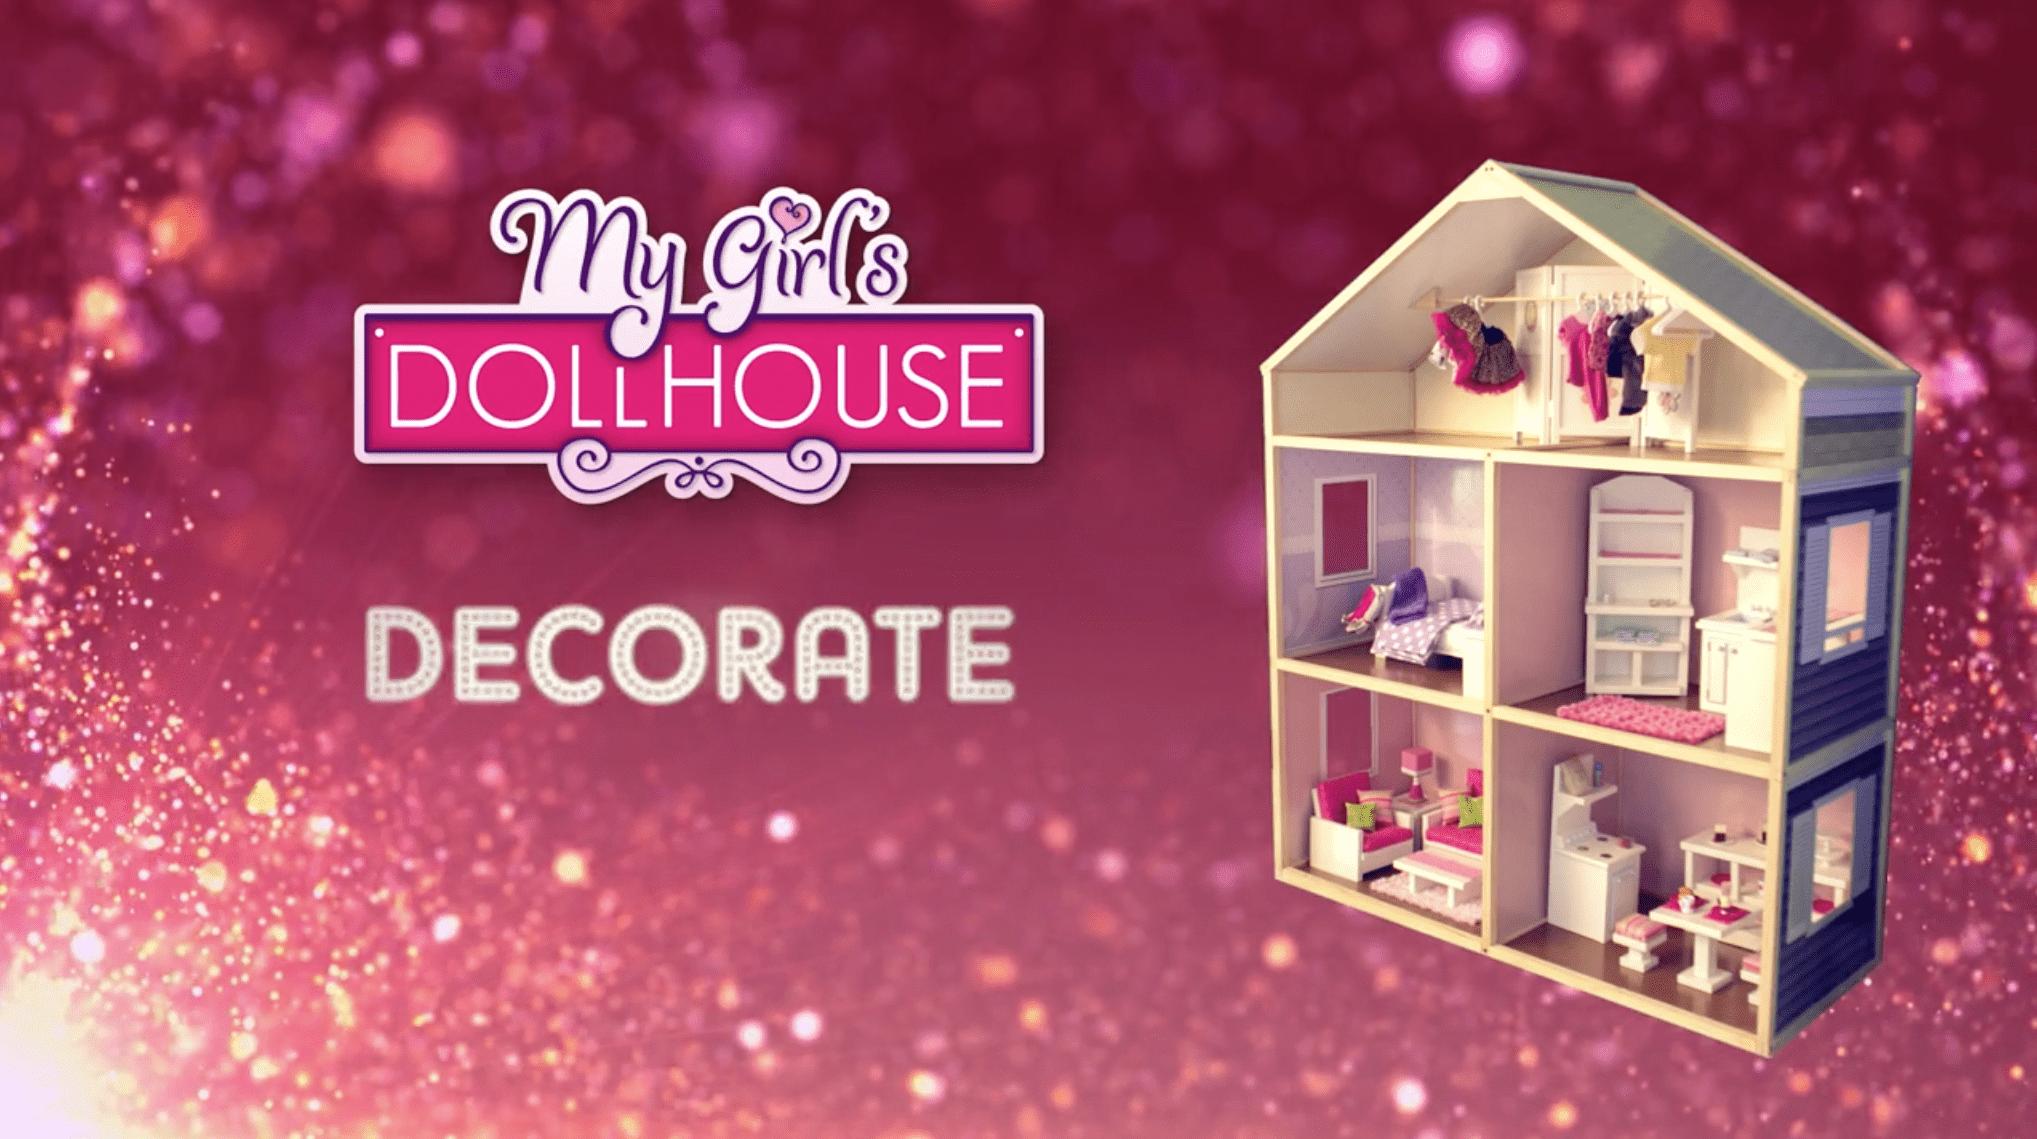 My girls dollhouse